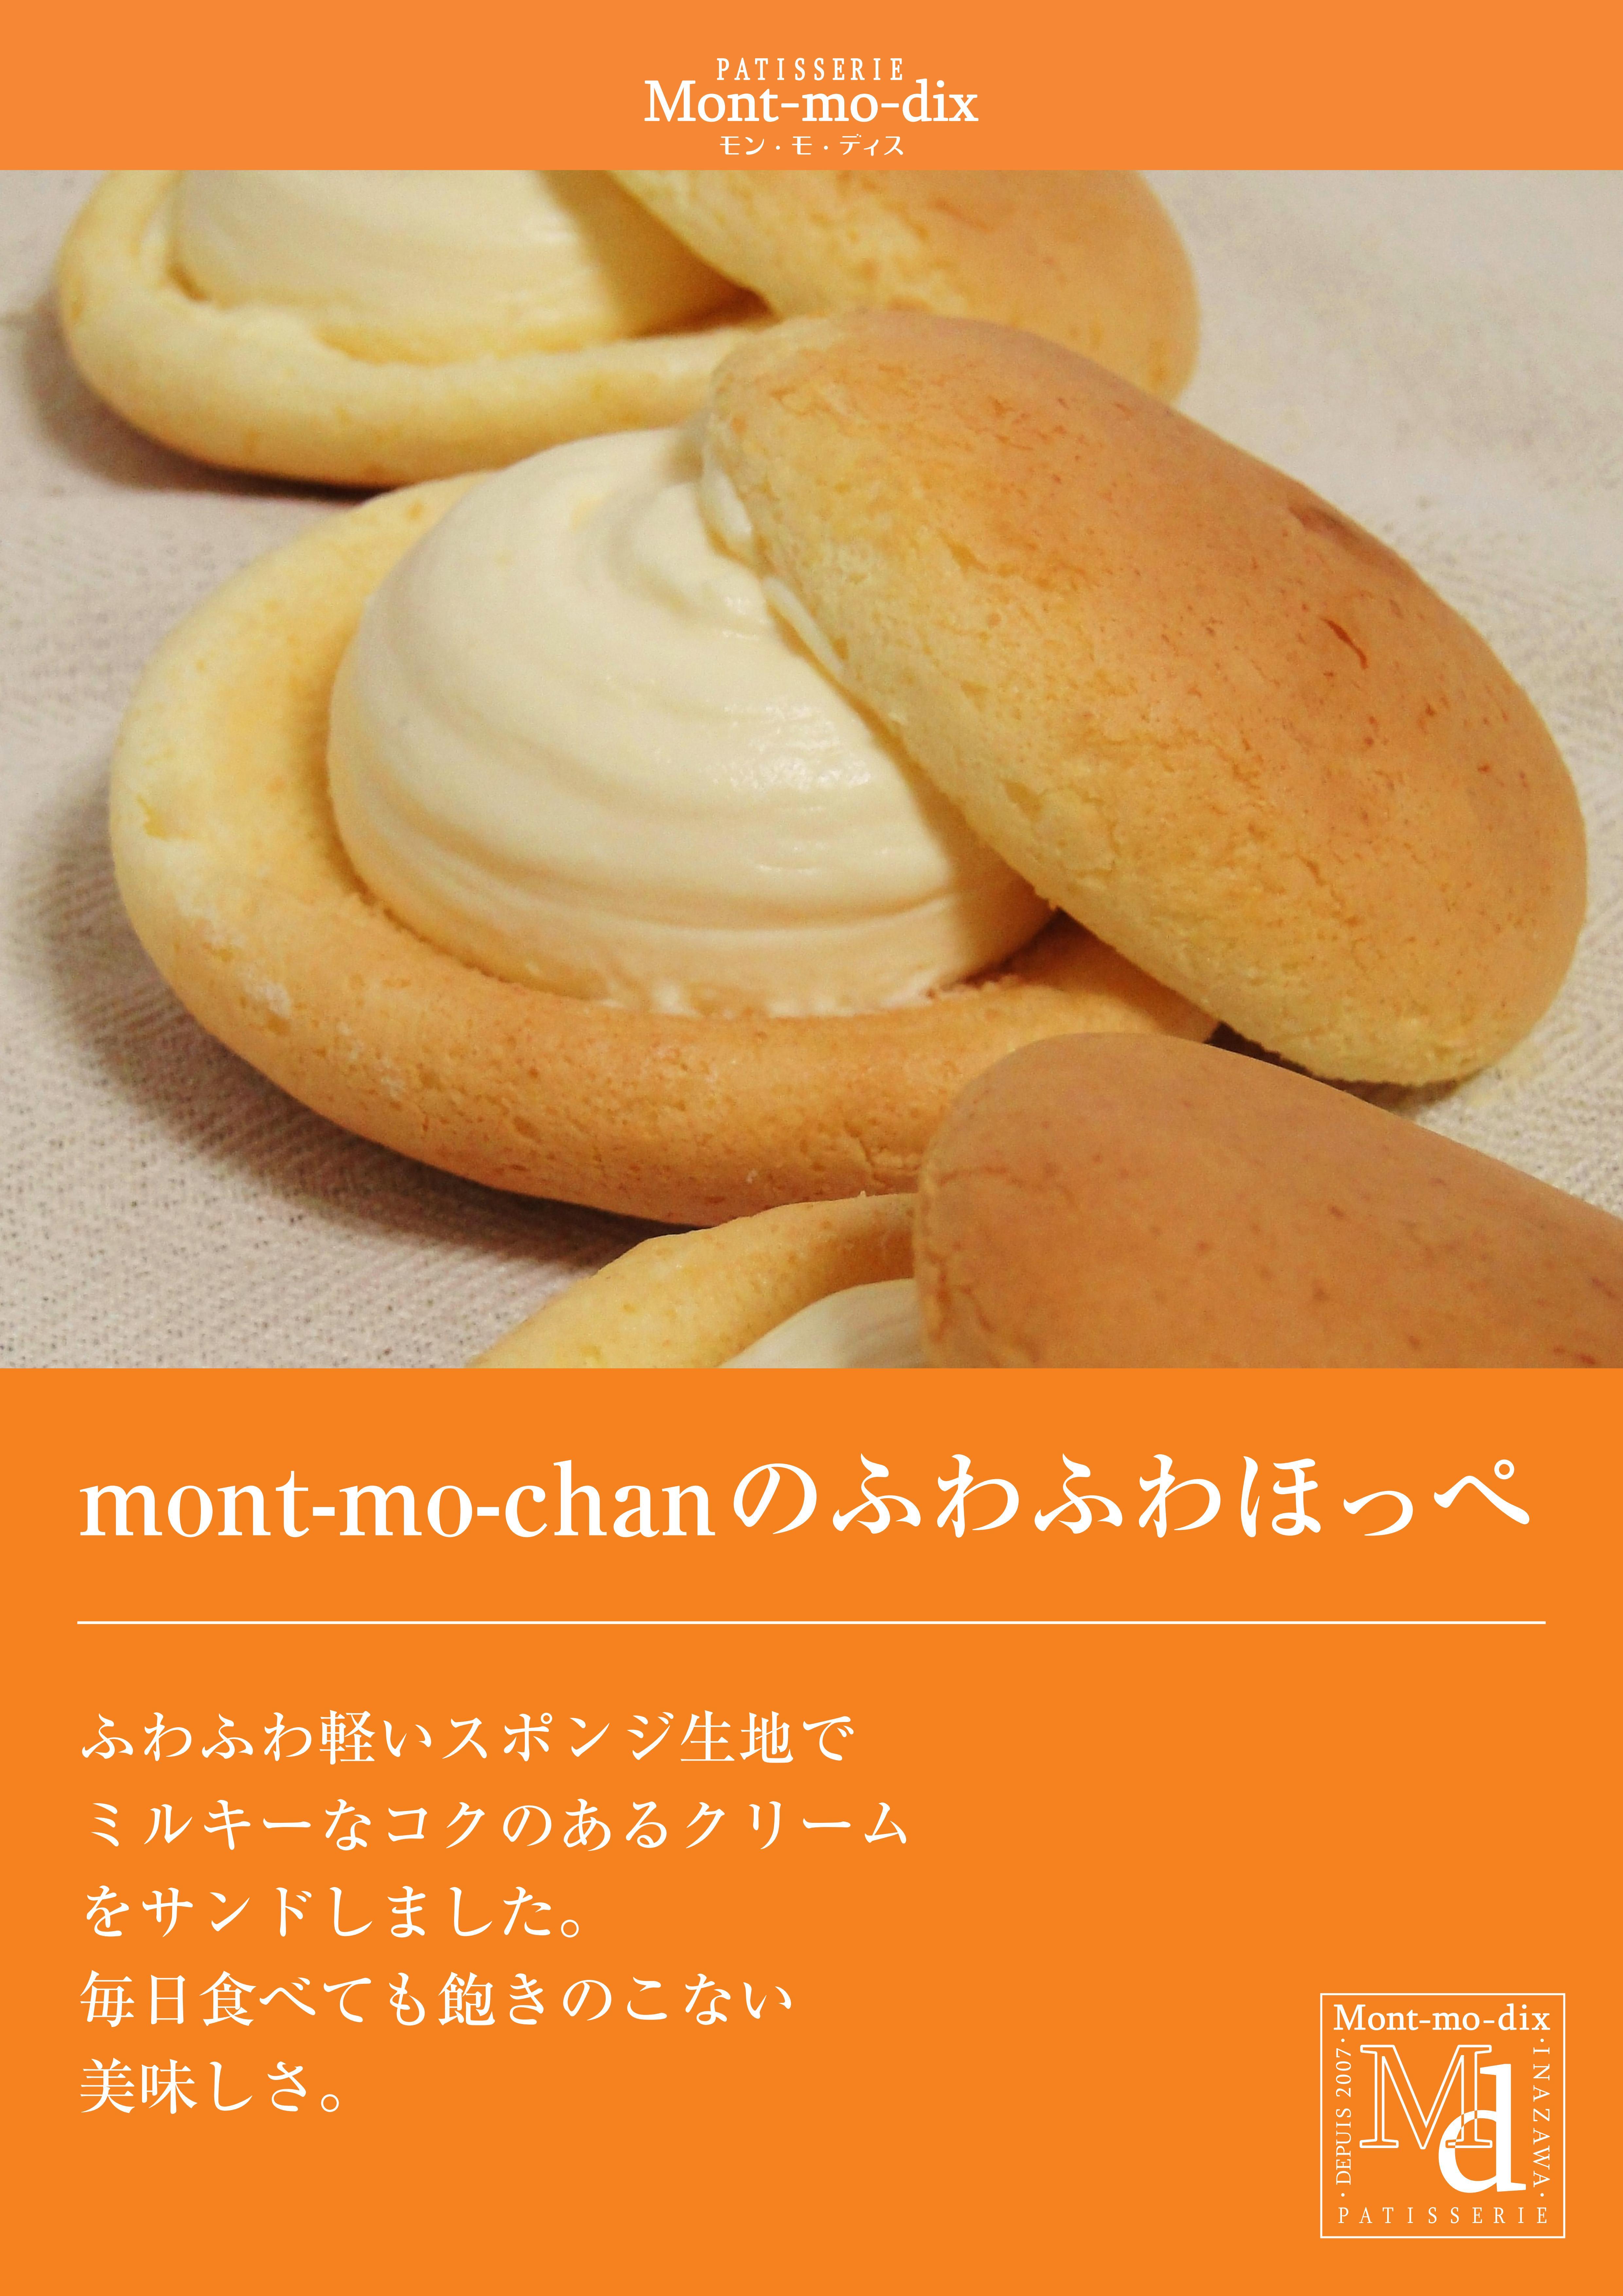 mont-mo-chanのふわふわほっぺ